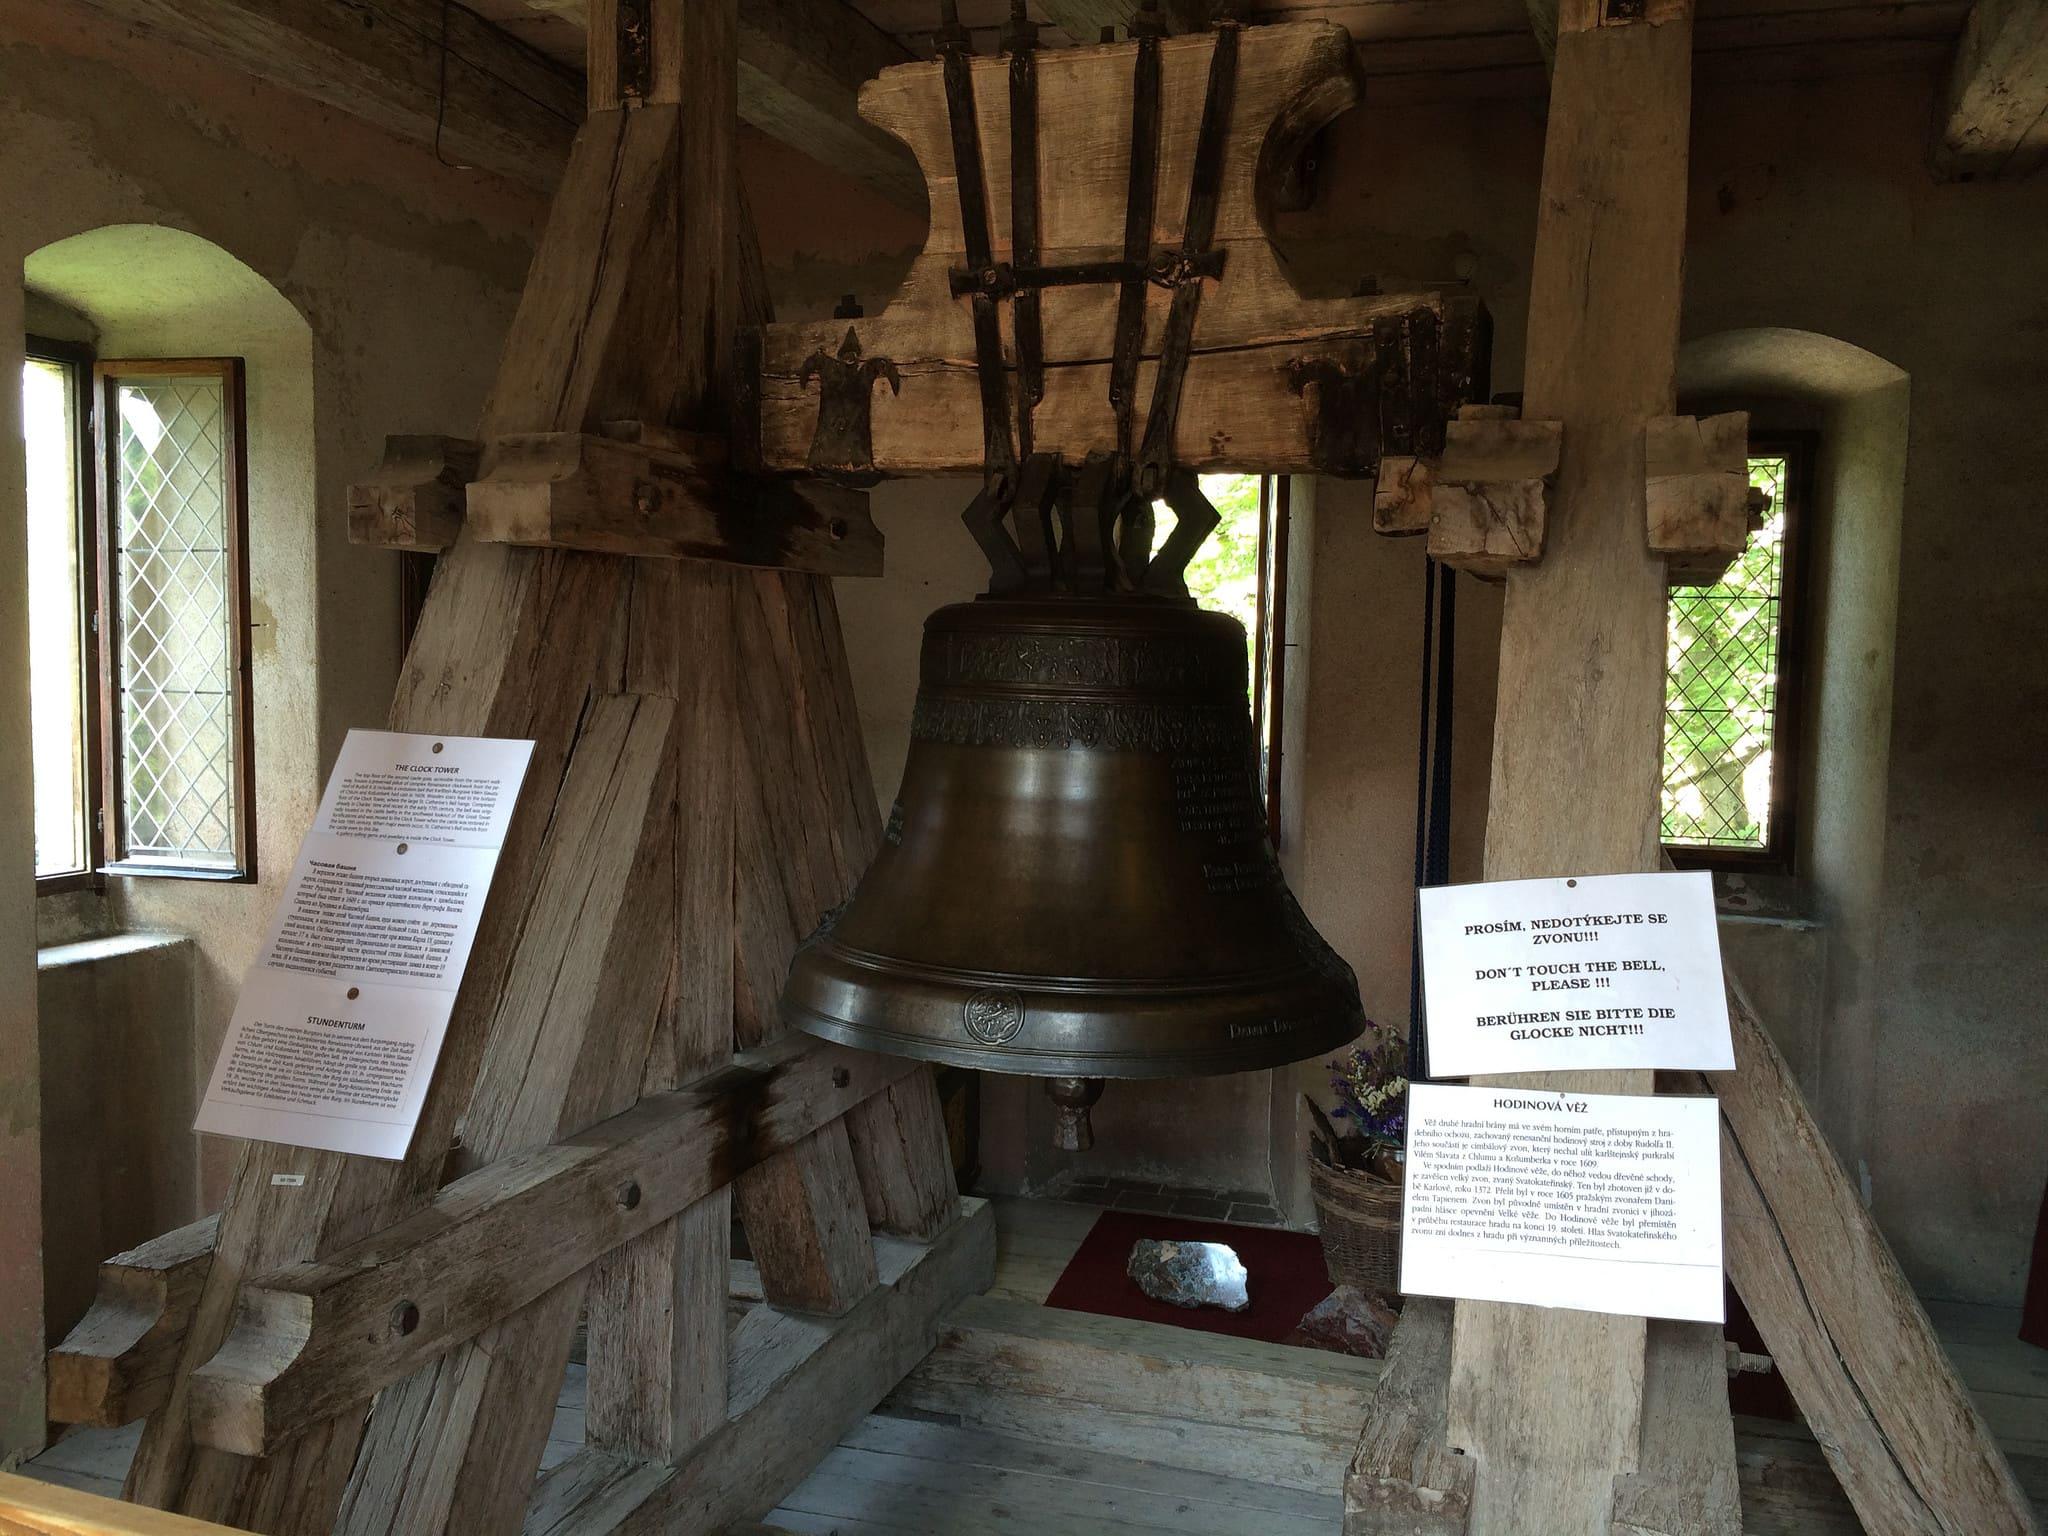 campanile della grande torre